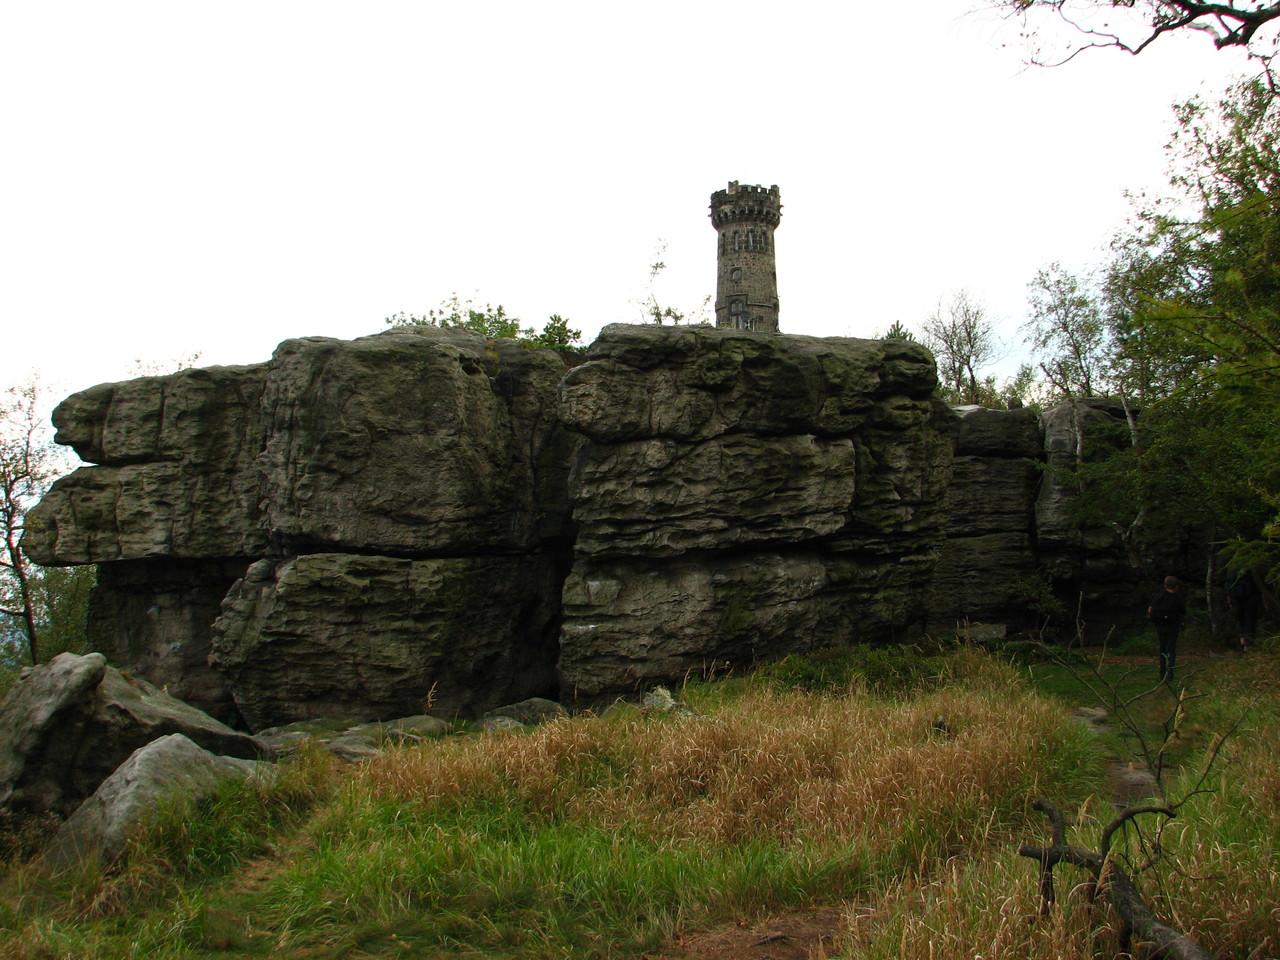 Der Turm hinter dem Stein